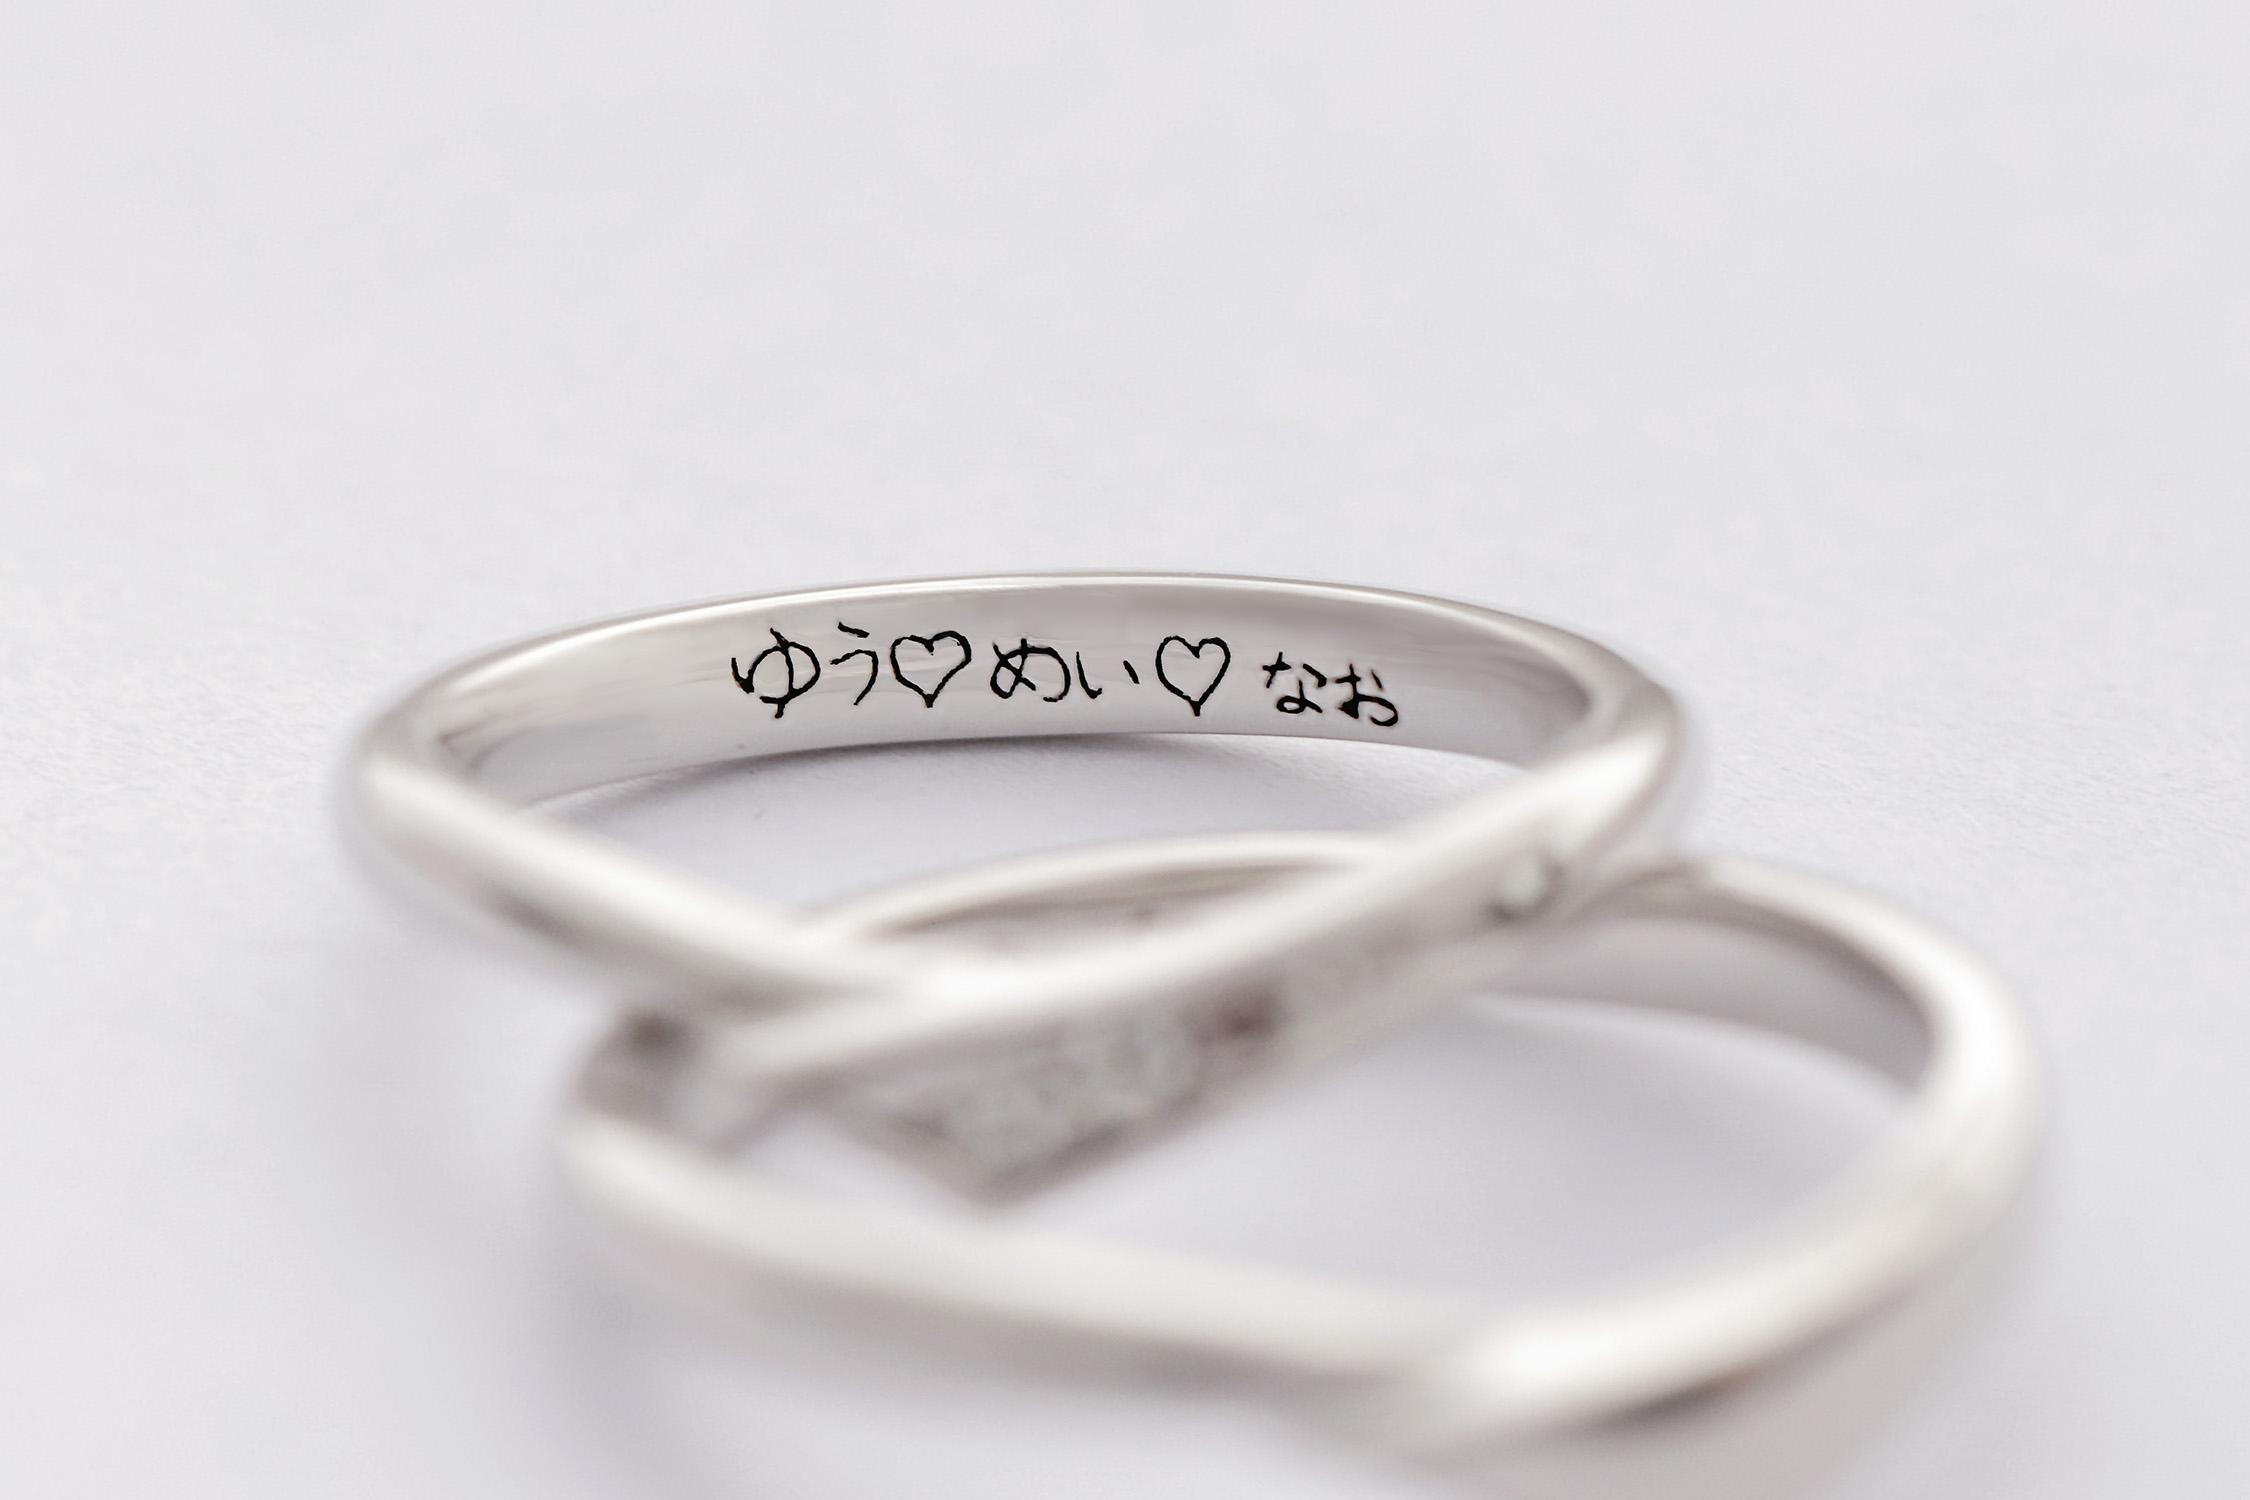 お子様の書いた家族の名前を刻印した指輪